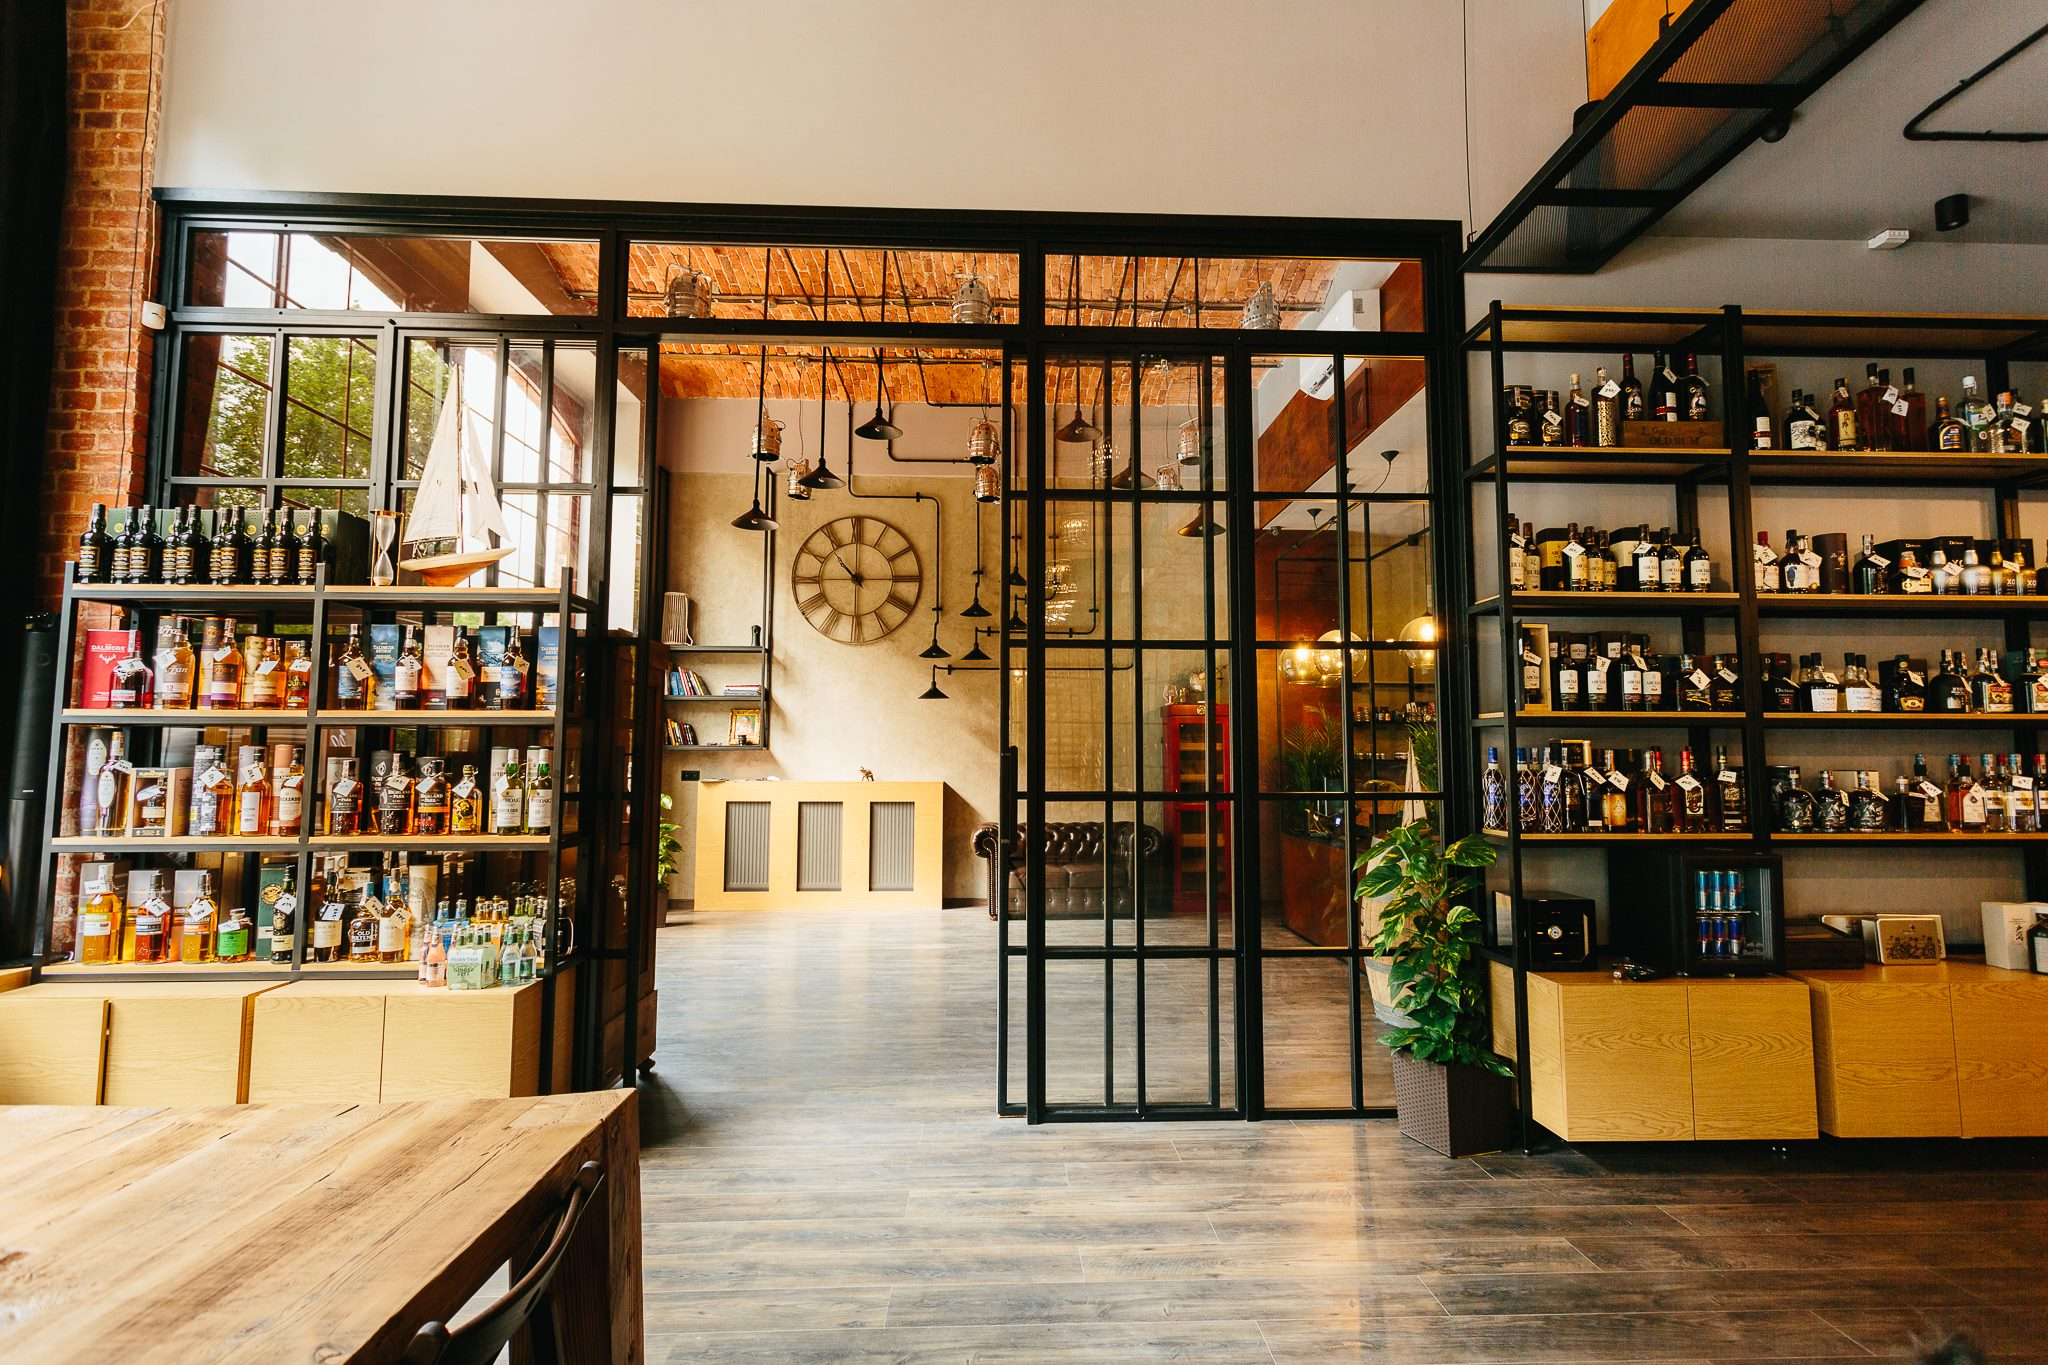 Icon Concept, drzwi kute, drzwi metalowe, drzwi metalowe loftowe, drzwi wewnętrzne, wrocław, dolnośląskie, LOFT, drzwi loft, drzwi metalowe loft, kowalstwo, okna metalowe industrialne, witryny metalowe industrialne